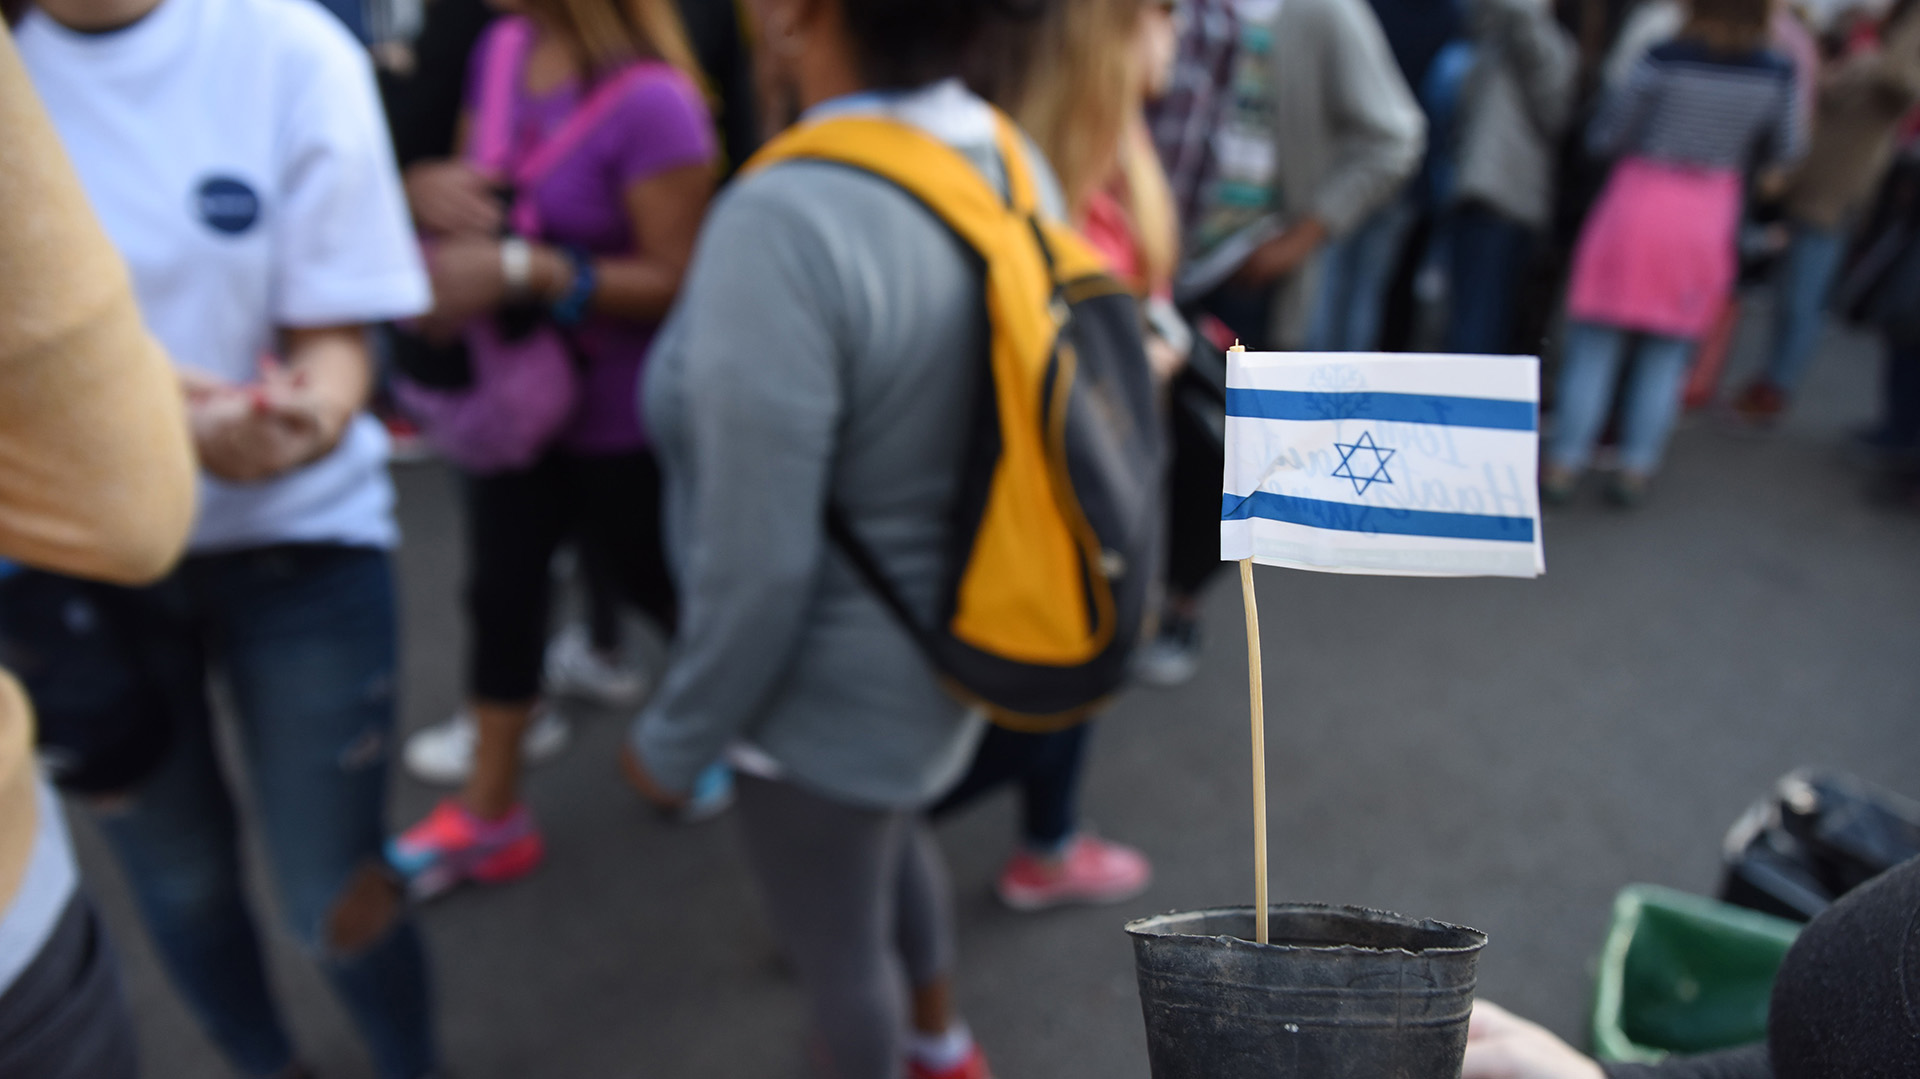 """Con el propósito de promover la cultura, la identidad y la historia, el Gobierno de la Ciudad desarrolla desde el 2009 el programa """"Buenos Aires Celebra"""". La idea es conocer a las distintas colectividades que conviven en el ámbito metropolitano. Esta vez, las autoridades porteñas le dedicaron un festejo a la comunidad israelí"""